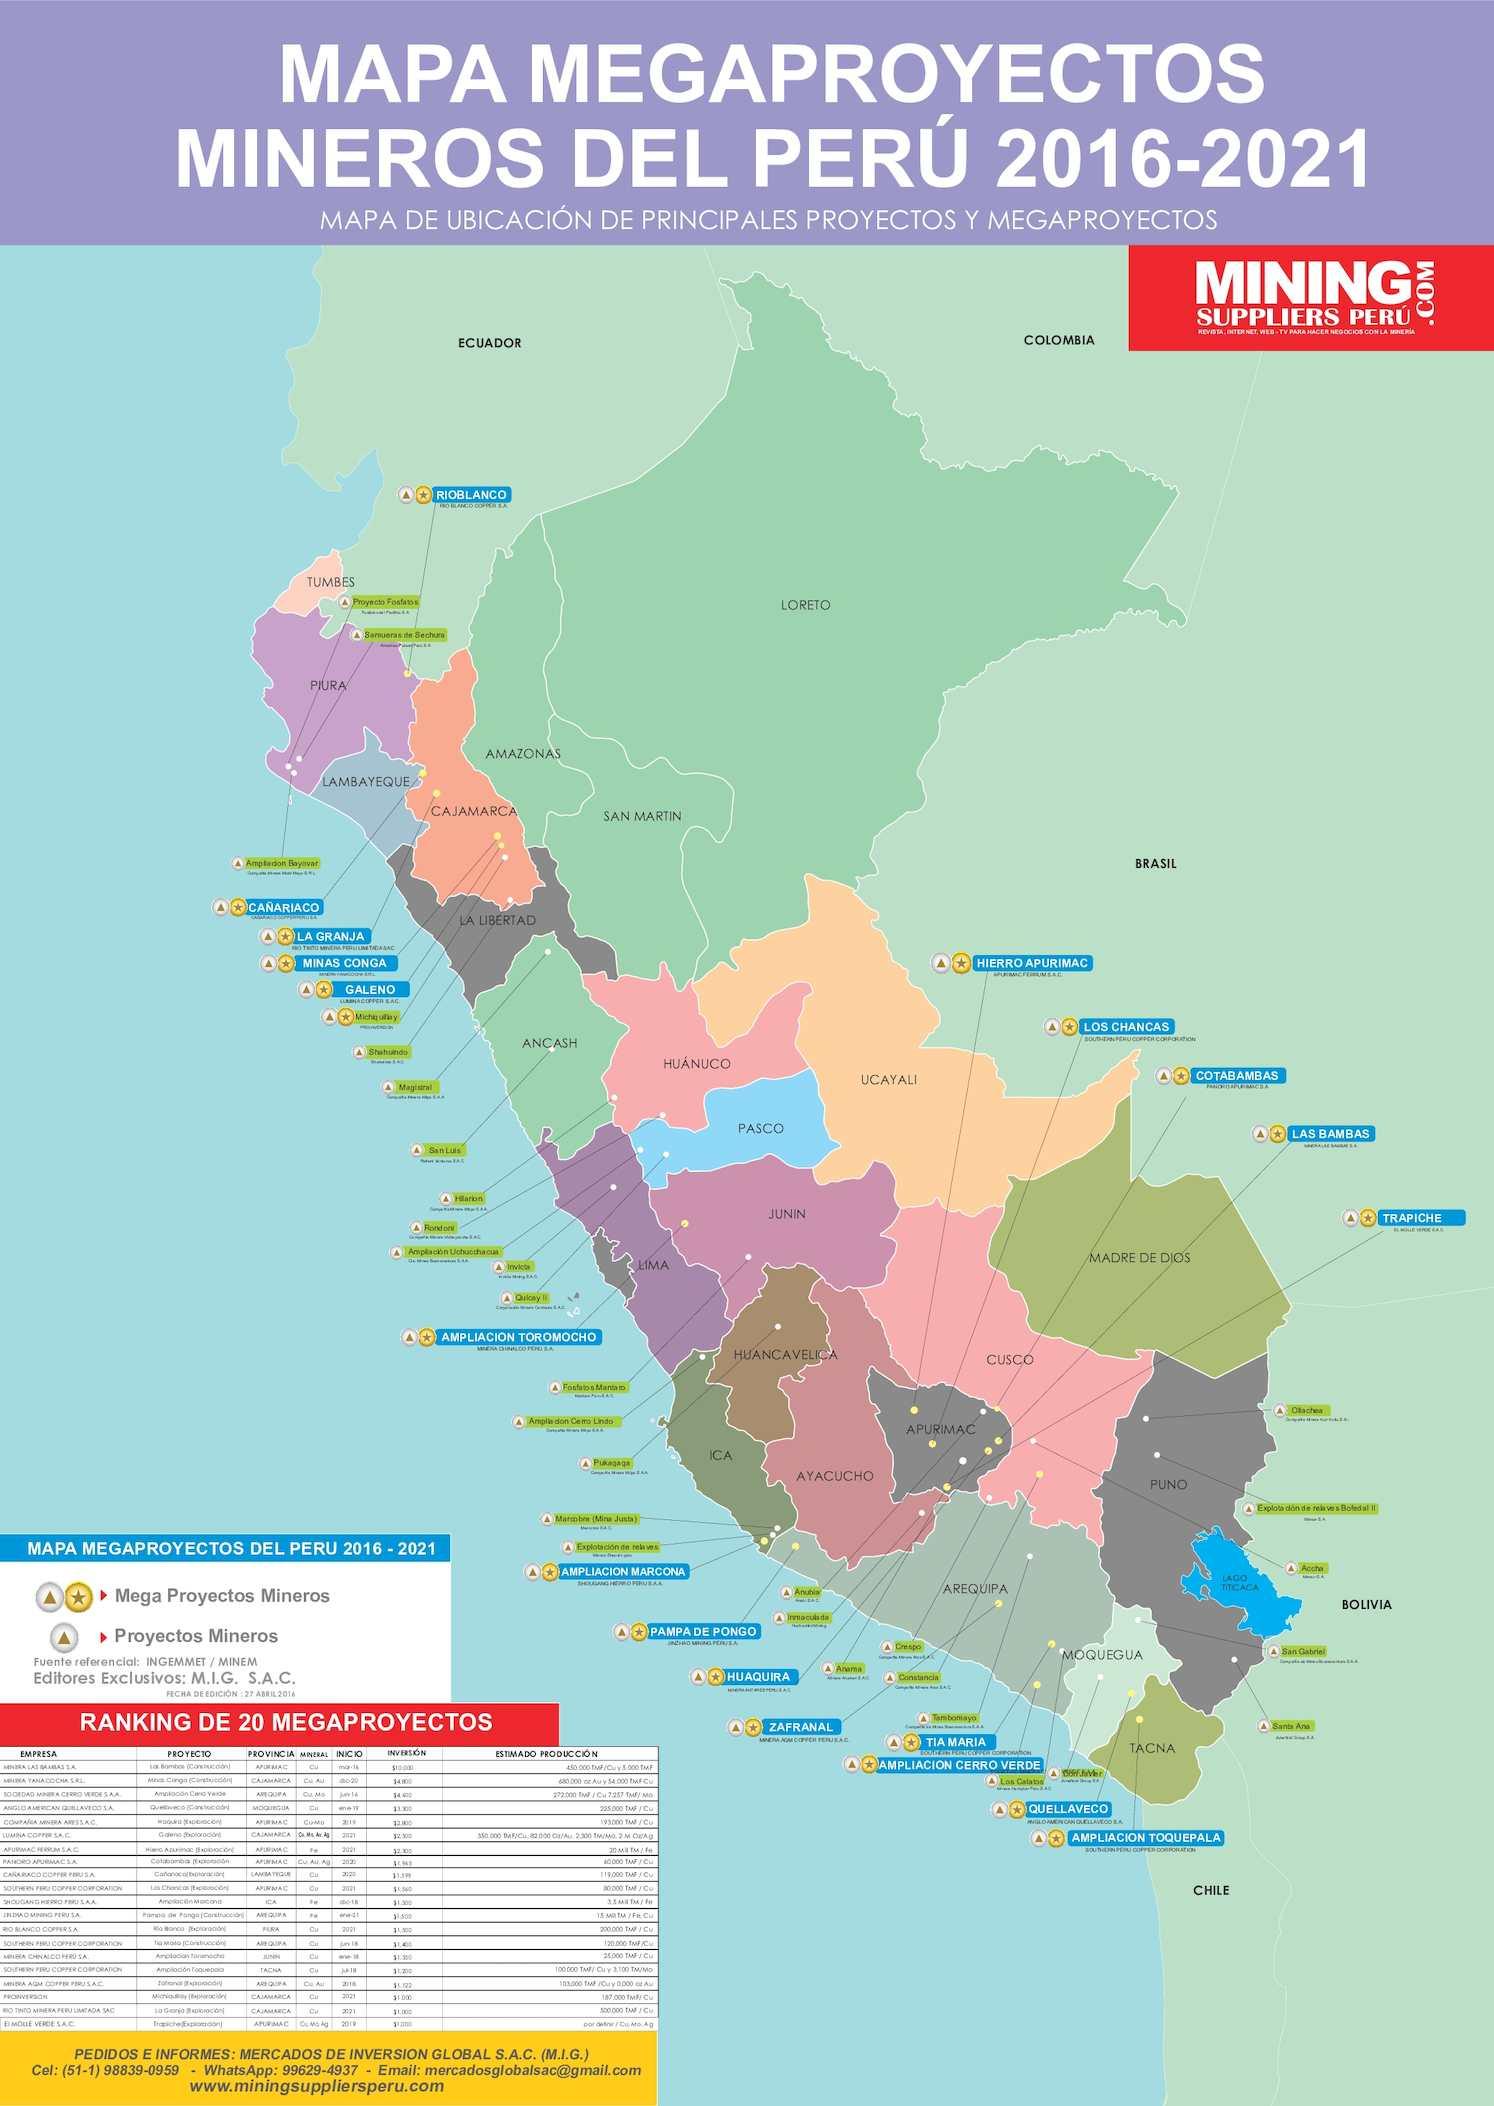 Mapa De Mega proyectos Mineros Perú 2016 al 2021